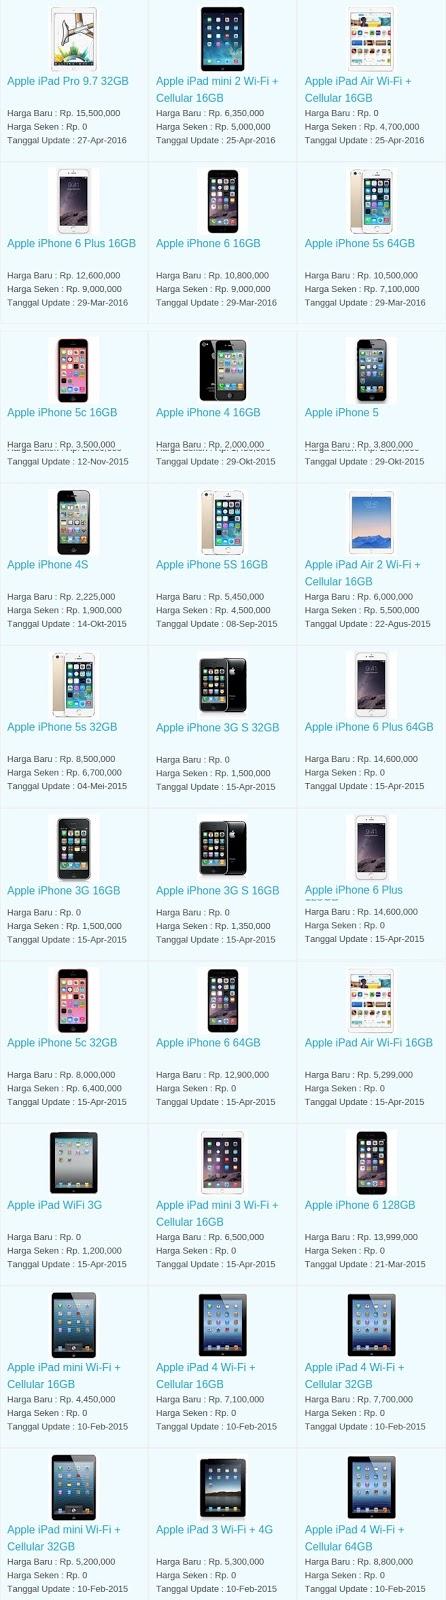 Daftar Harga Hp Terbaru Apple Juni 2016